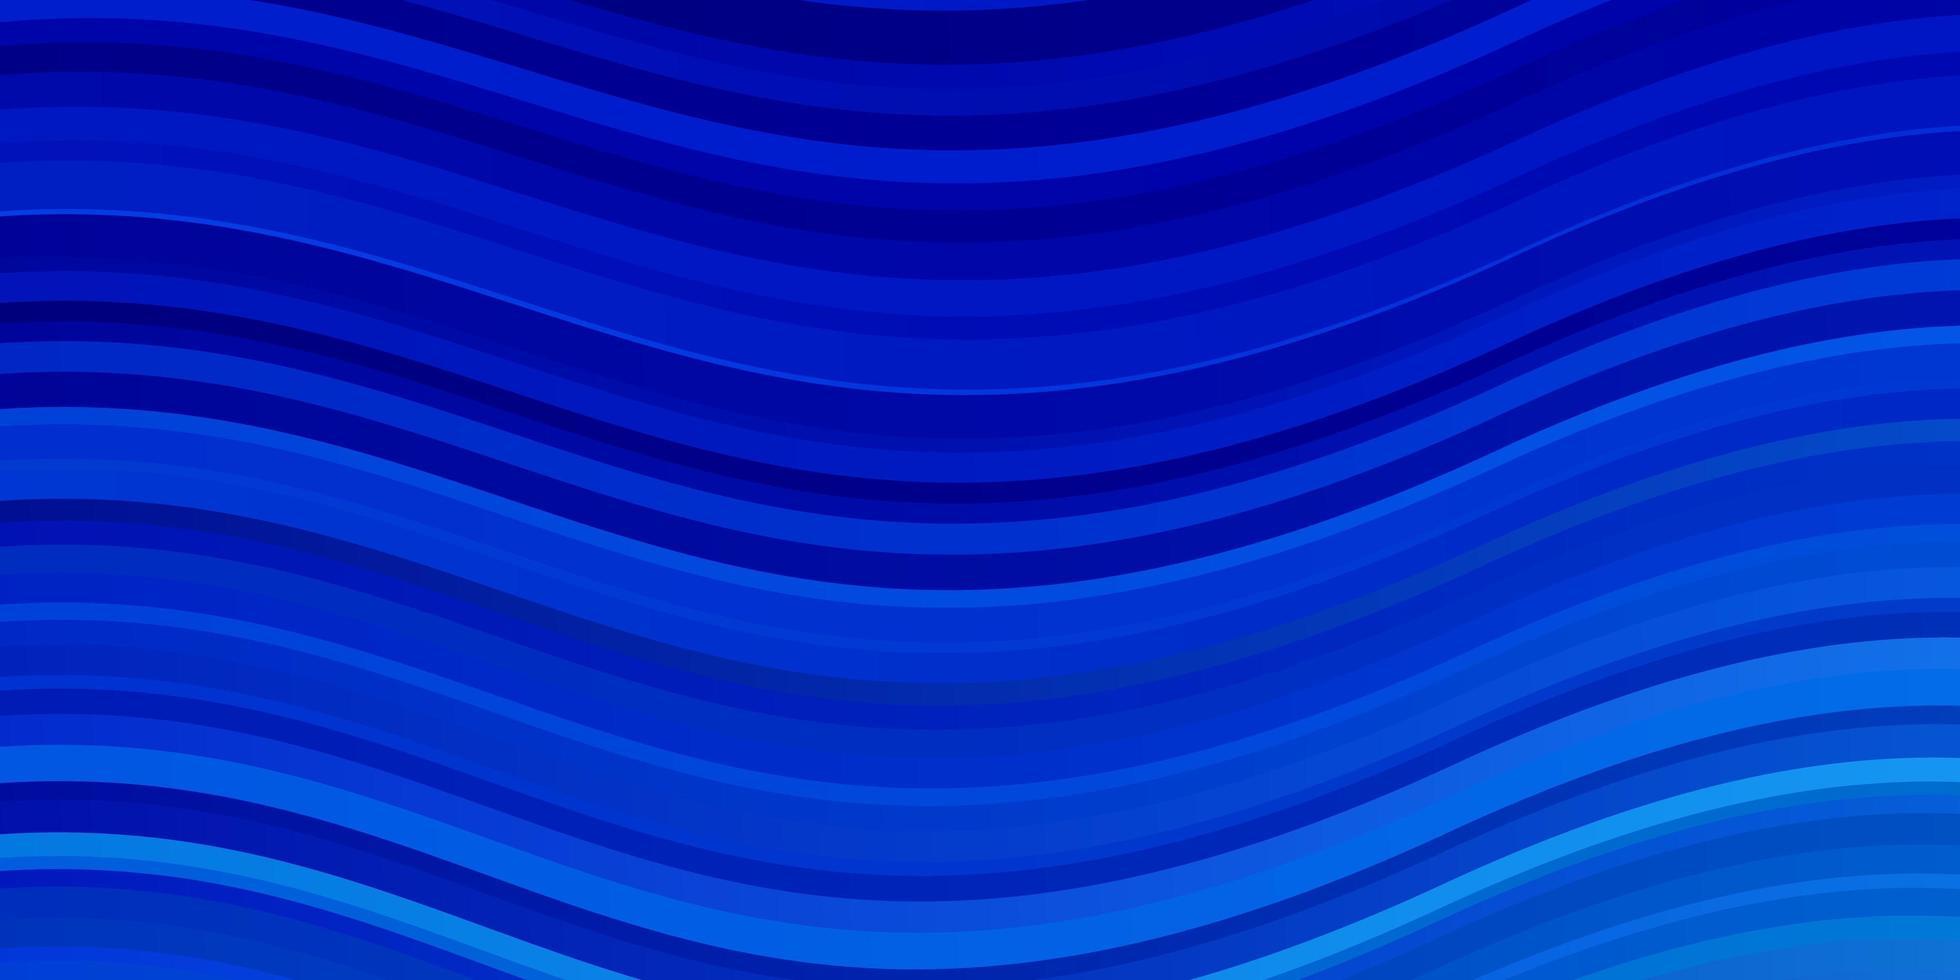 lichtblauw vector sjabloon met gebogen lijnen.